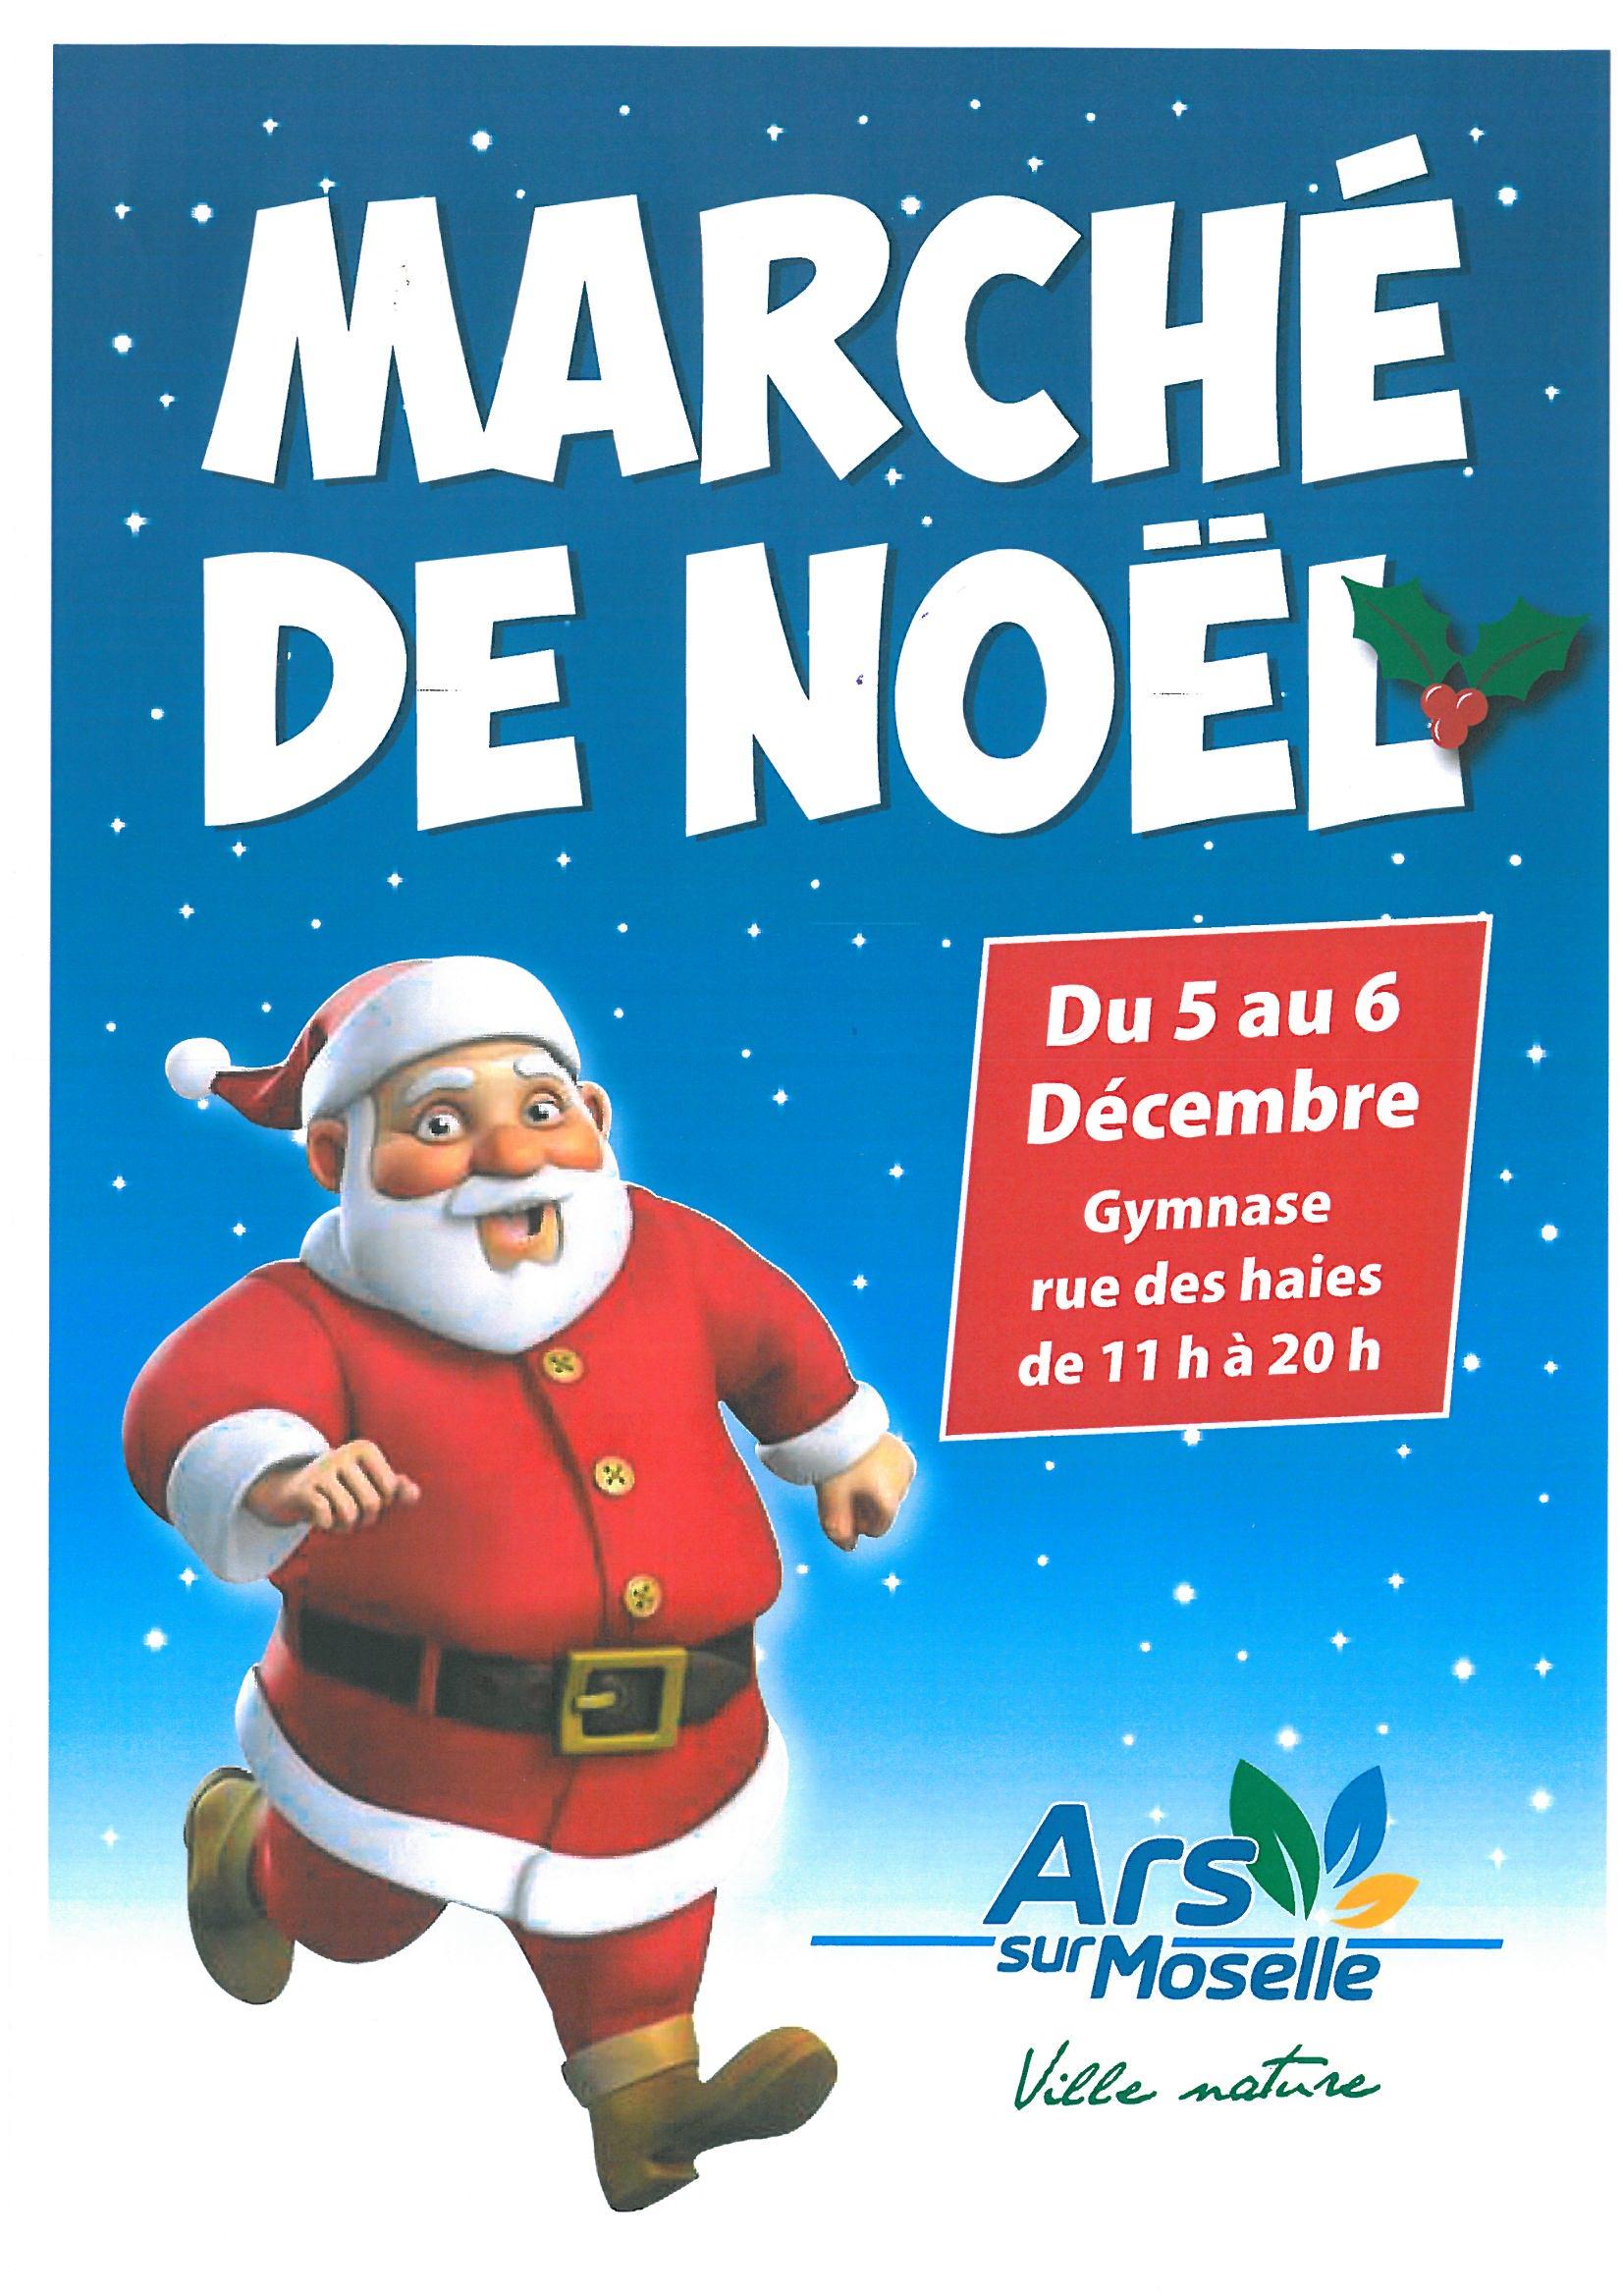 MARCHE DE NOEL samedi 5 et dimanche 6 décembre